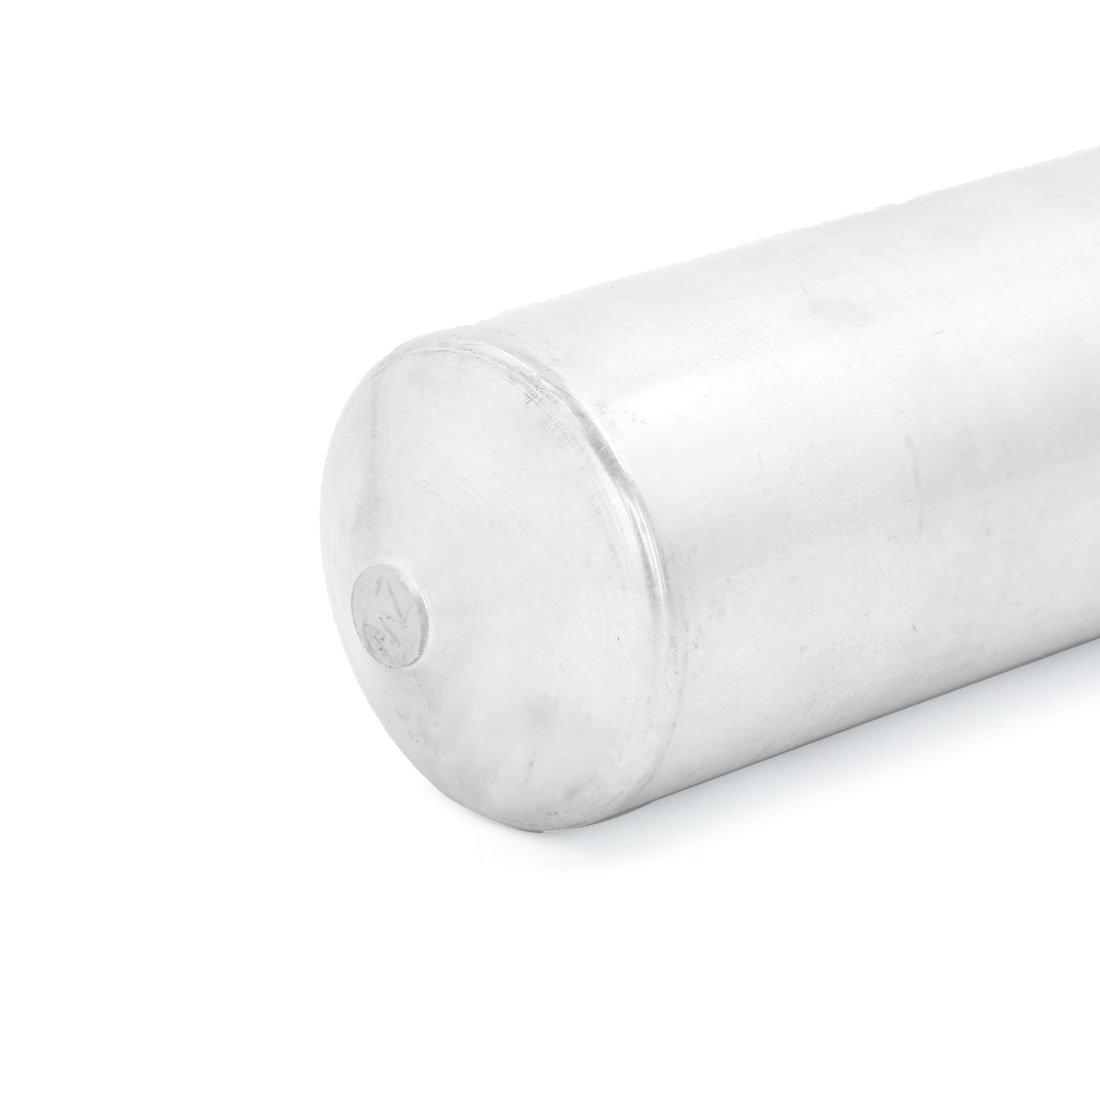 Amazon.com: eDealMax Aire Acondicionado A/C Receptor del depósito secador de Nissan Bluebird U13 Sunny B14: Automotive